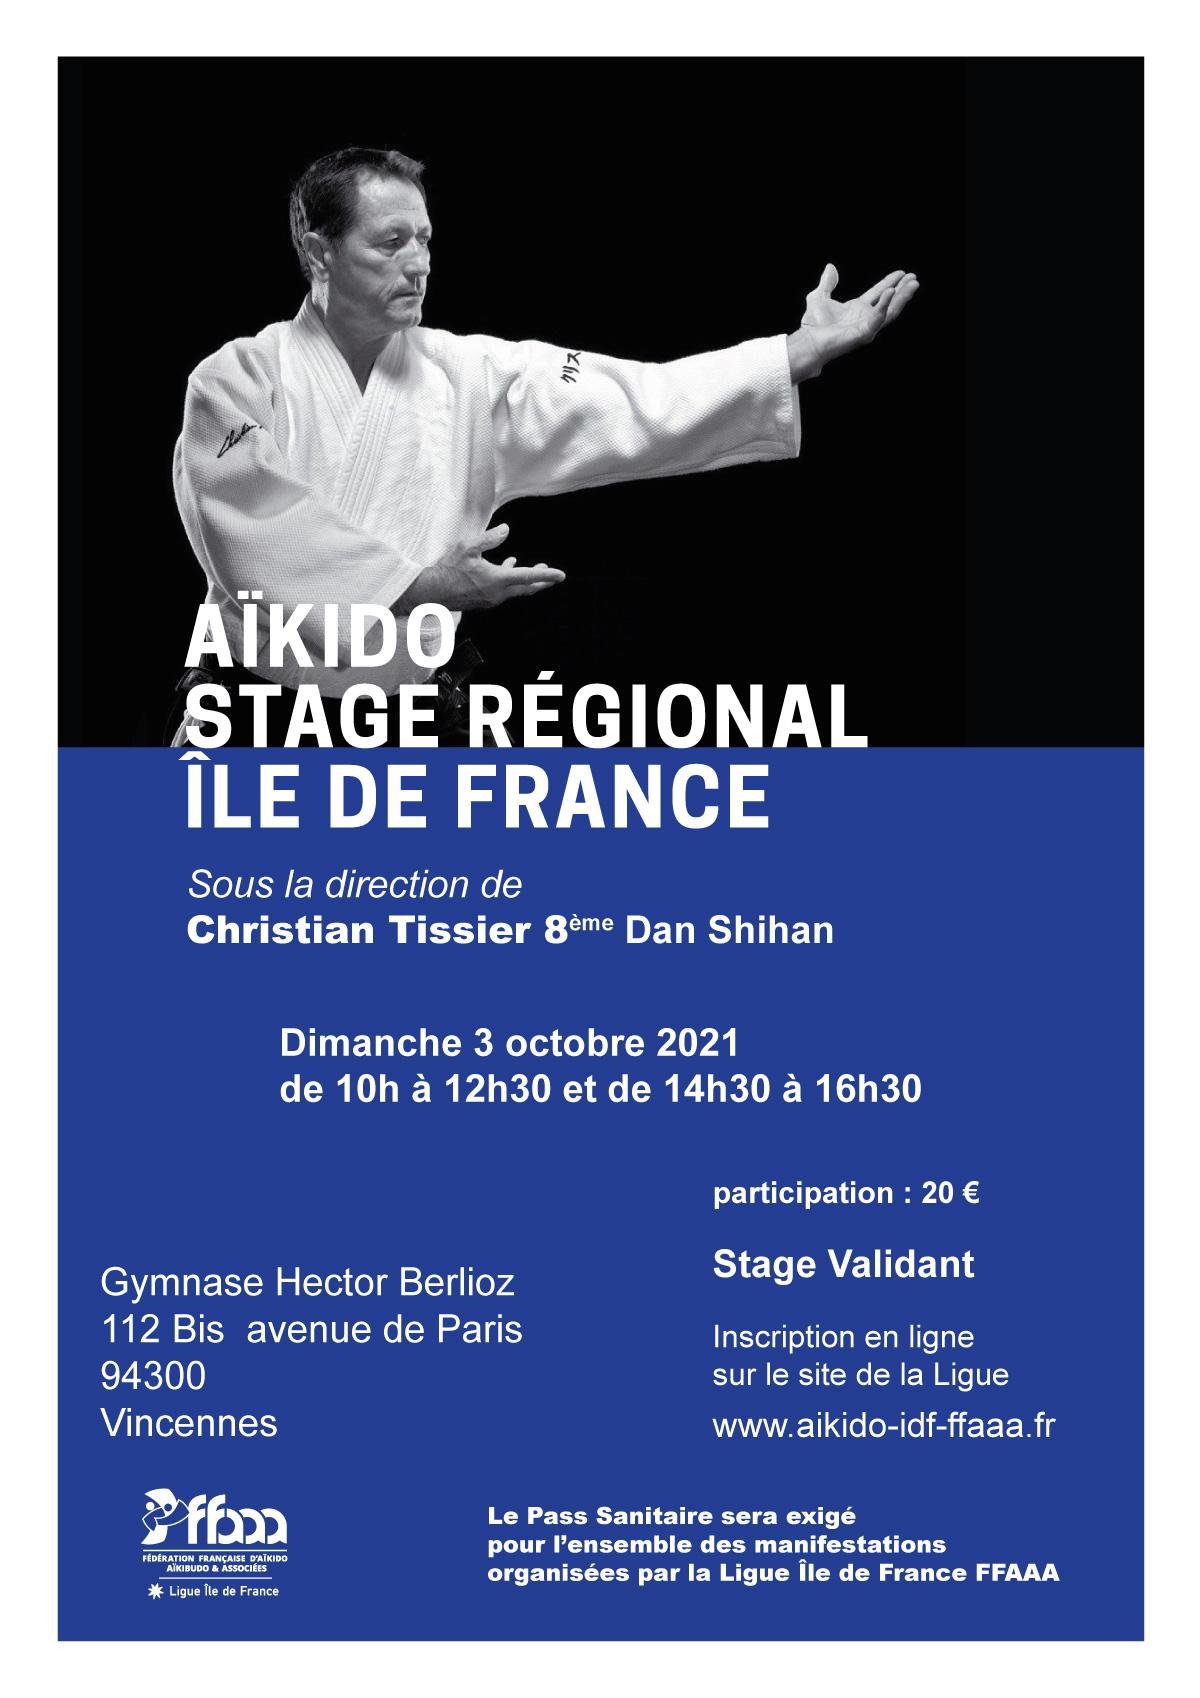 Stage Régional 03 octobre 2021 - Christian Tissier